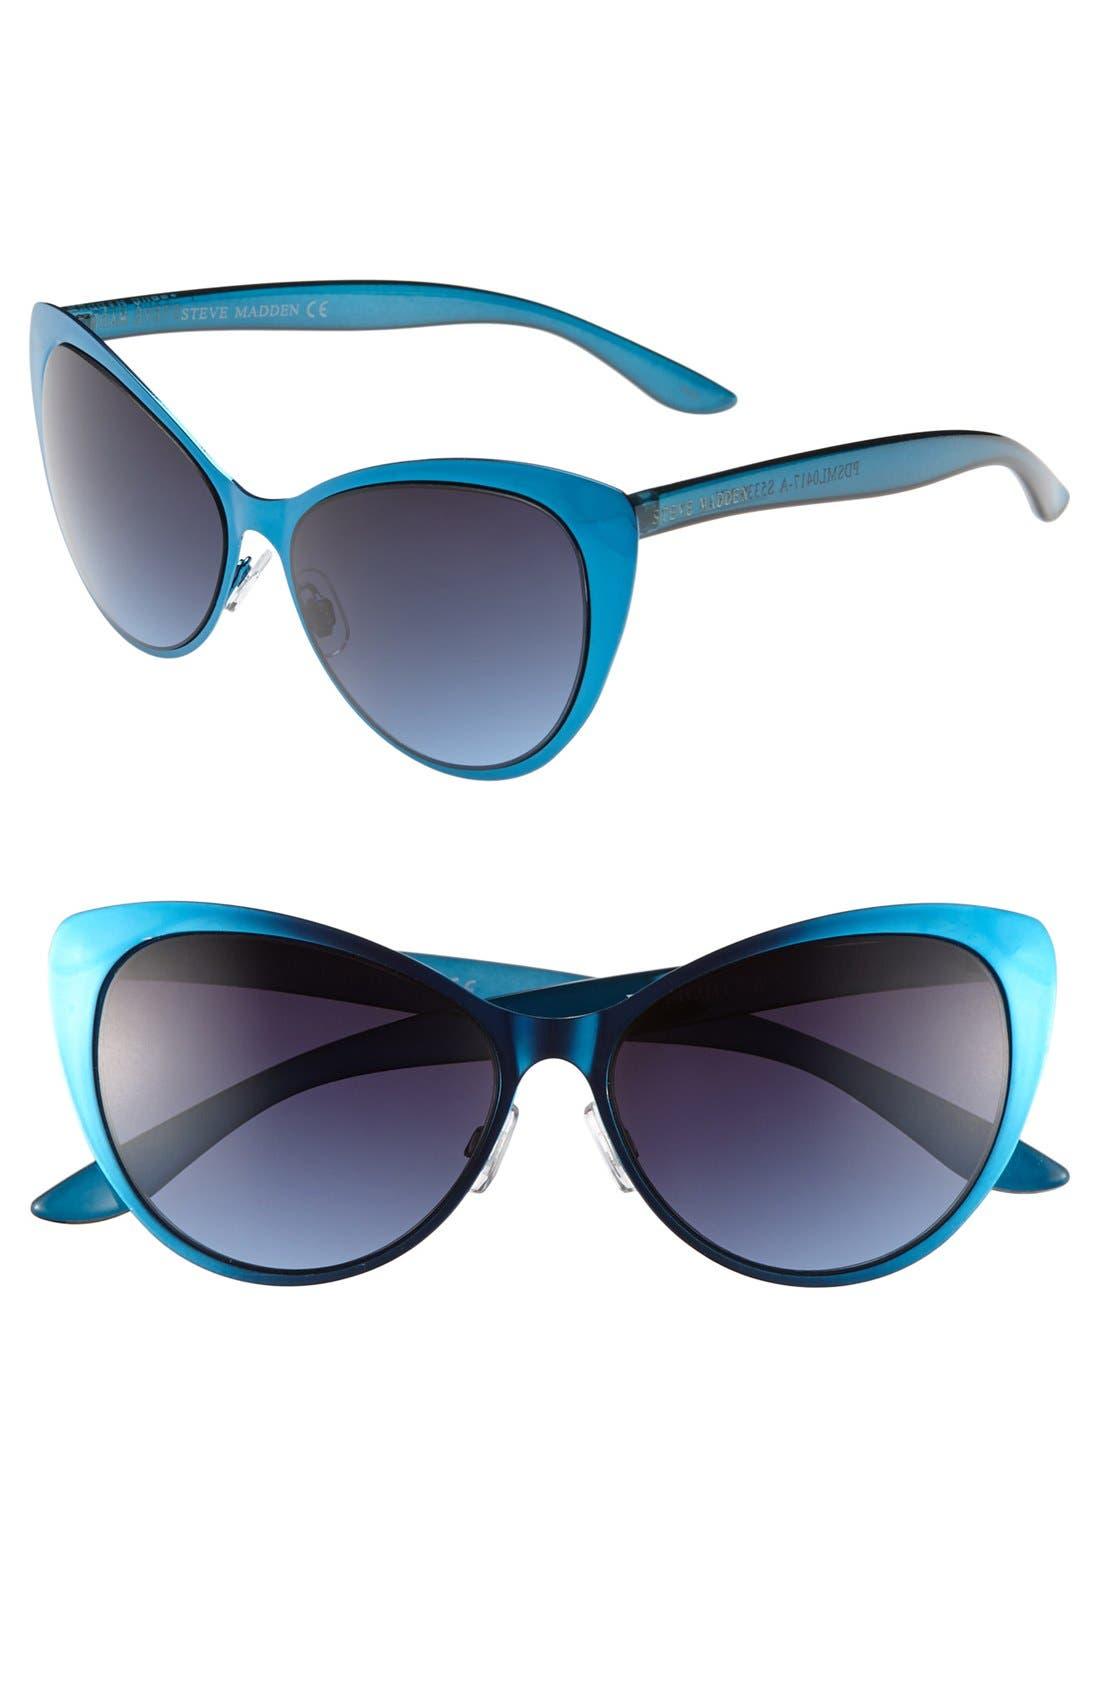 Alternate Image 1 Selected - Steve Madden 'Extreme' 65mm Cat Eye Sunglasses